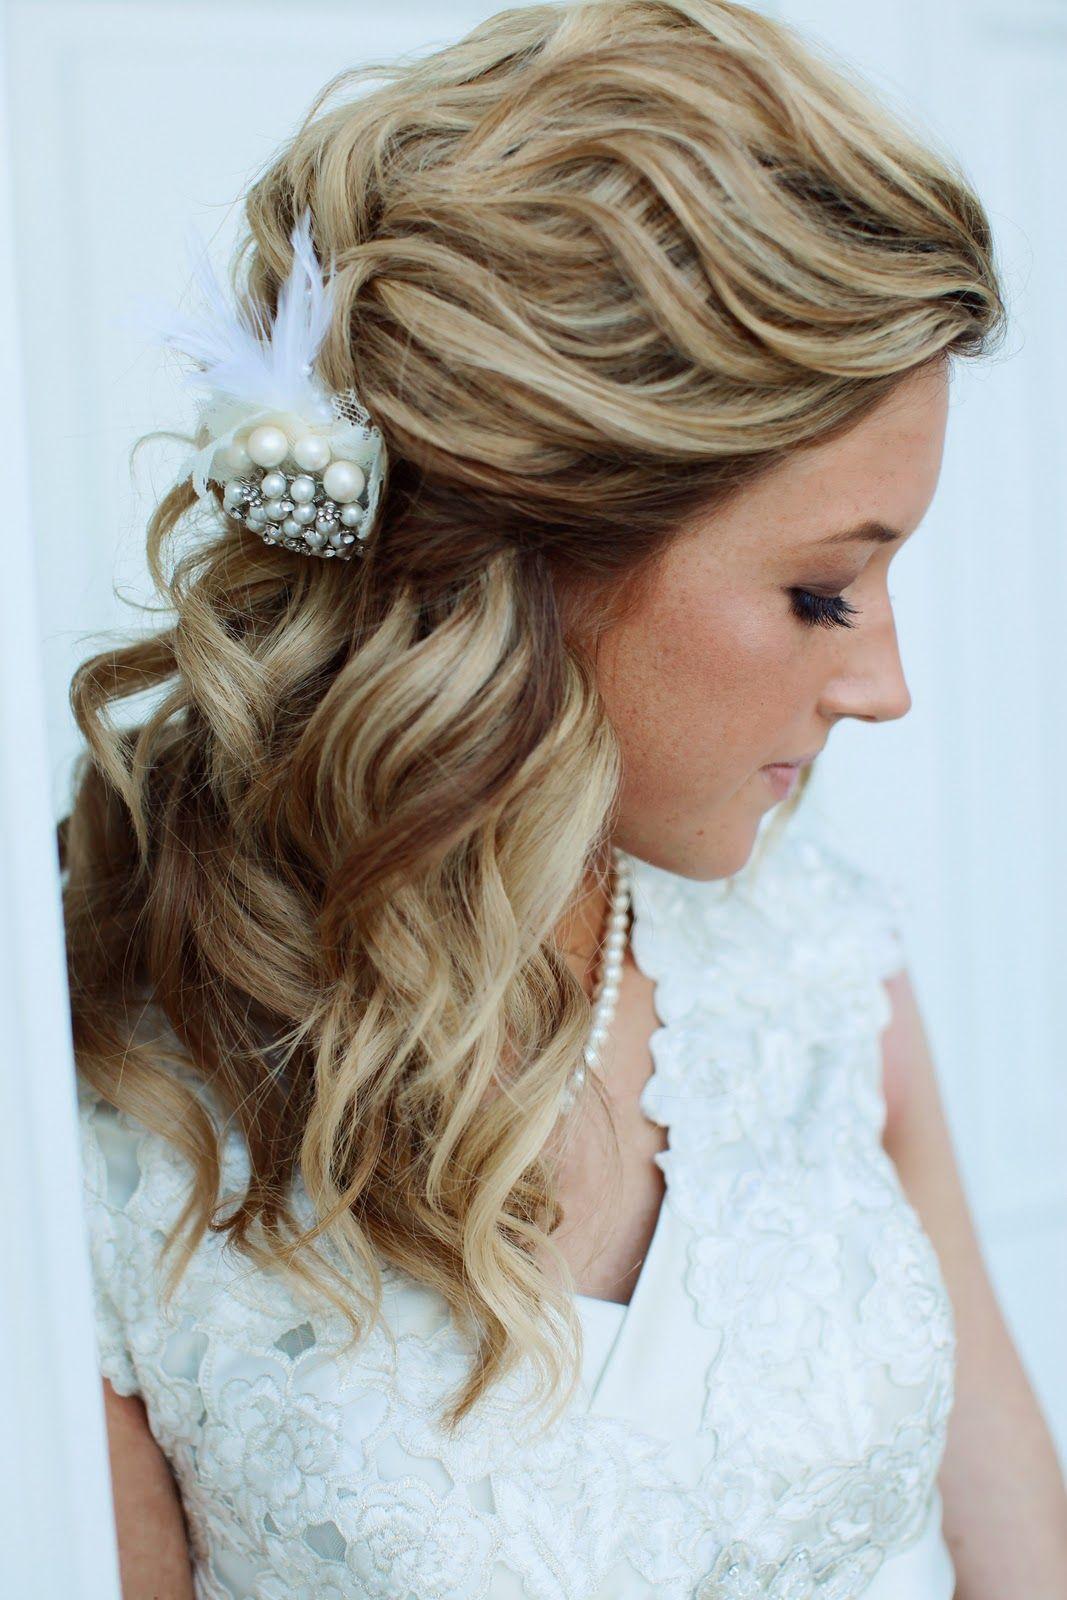 hair and make-up by steph: ashley | bridesmaid look for anita & matt